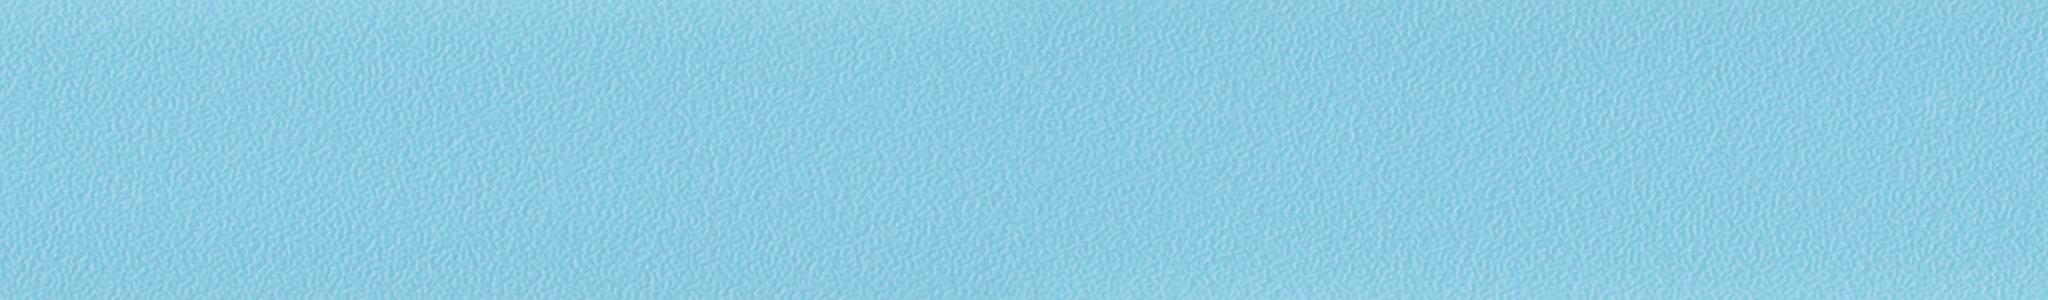 HU 15536 кромка ABS синяя лагуна жемчуг 101